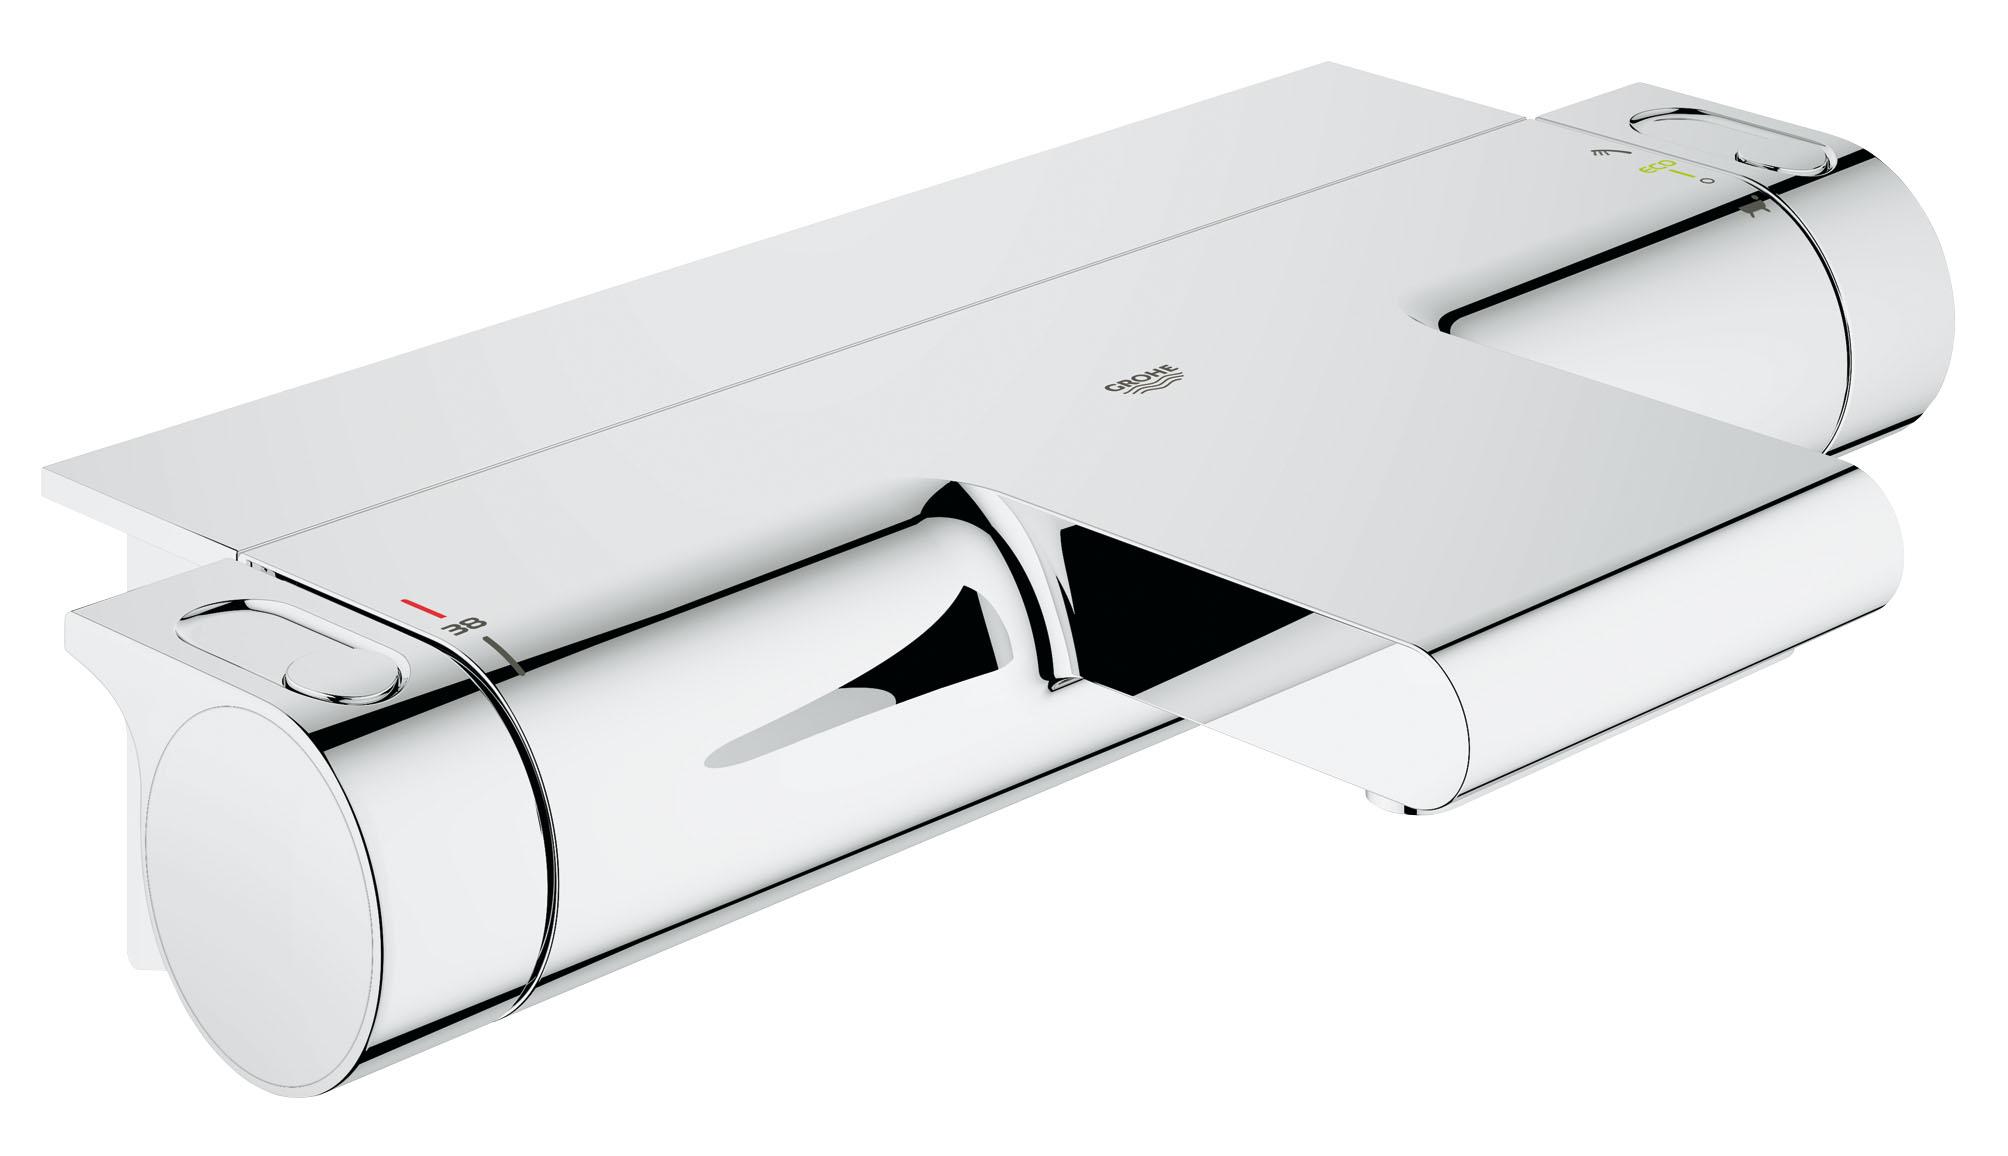 Термостат для ванны GROHE Grohtherm 2000 New с полочкой. (34464001)34464001Этот изящный смеситель для ванны позволит вам быстро наполнить ванну с помощью невероятно бесшумного потока воды желаемой температуры, который погрузит вас в умиротворяющую атмосферу в стиле спа. Мощный термостат комплектуется изящной полочкой EasyReach для хранения банных принадлежностей под рукой, а технология GROHE CoolTouch делает его безопасным для прикосновений, не позволяя внешней поверхности нагреваться. Переключатель GROHE AquaDimmer позволяет с легкостью перенаправлять поток воды между каскадным изливом для ванны и душем. Ограничитель SafeStop предохраняет пользователей — особенно детей — от случайного включения слишком горячей воды во время купания. Благодаря нецарапающемуся и легко очищаемому хромированному покрытию это изысканное устройство сохранит свой ослепительный внешний вид на многие годы. Встроенный механизм водосбережения позволит вам сократить расход воды через душ практически вдвое, помогая спокойно наслаждаться купанием с сознанием того, что вы экономите ценные природные ресурсы.Особенностинастенный монтаж GROHE CoolTouch безопасный корпус GROHE StarLight хромированная поверхность GROHE TurboStat встроенный термоэлемент GROHE EcoJoy Технология совершенного потока при уменьшенном расходе водывстроенный стопор смешанной воды Carbodur керамический вентиль 1/2?, 180° GROHE AquaDimmer Plus многофункциональный: регулировка расхода, переключатель ванна/душ, встроеная кнопка с функцией экономии воды для душа стопор безопасности при 38°C отвод для душа снизу 1/2? аэратор встроенные обратные клапаны грязеулавливающие фильтры скрытые S-образные эксцентрики с защитой от обратного потока GROHE EasyReach™ полочка съемная GROHE XL WaterfallВидео по установке является исключительно информационным. Установка должна проводиться профессионалами!